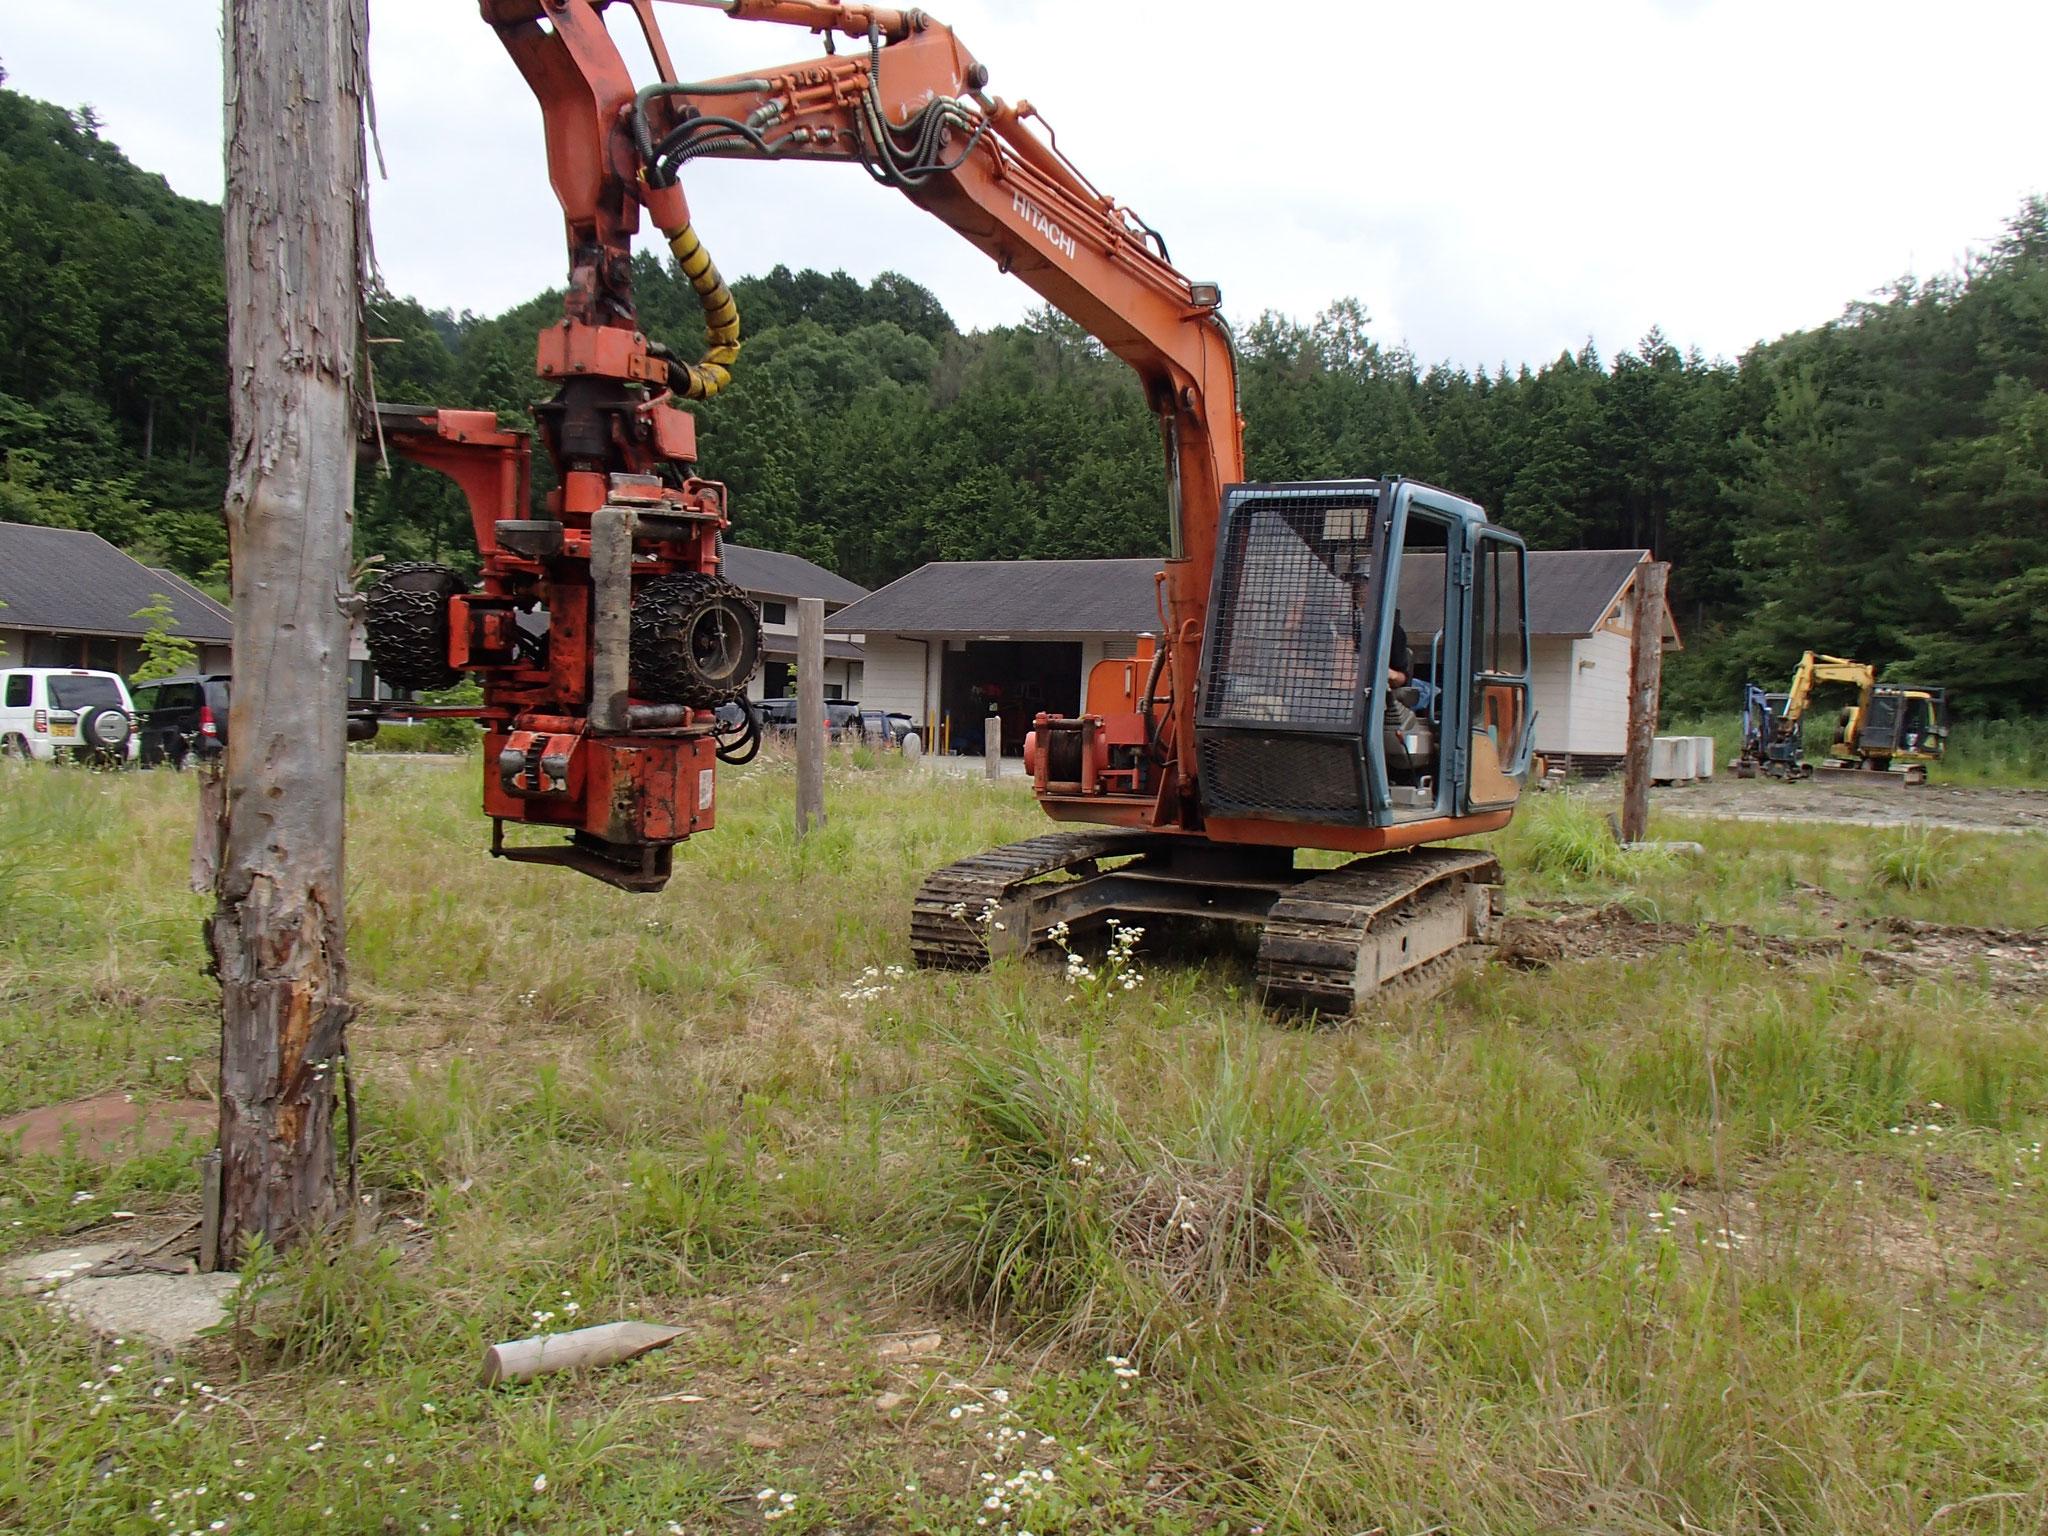 伐木等機械運転業務特別教育